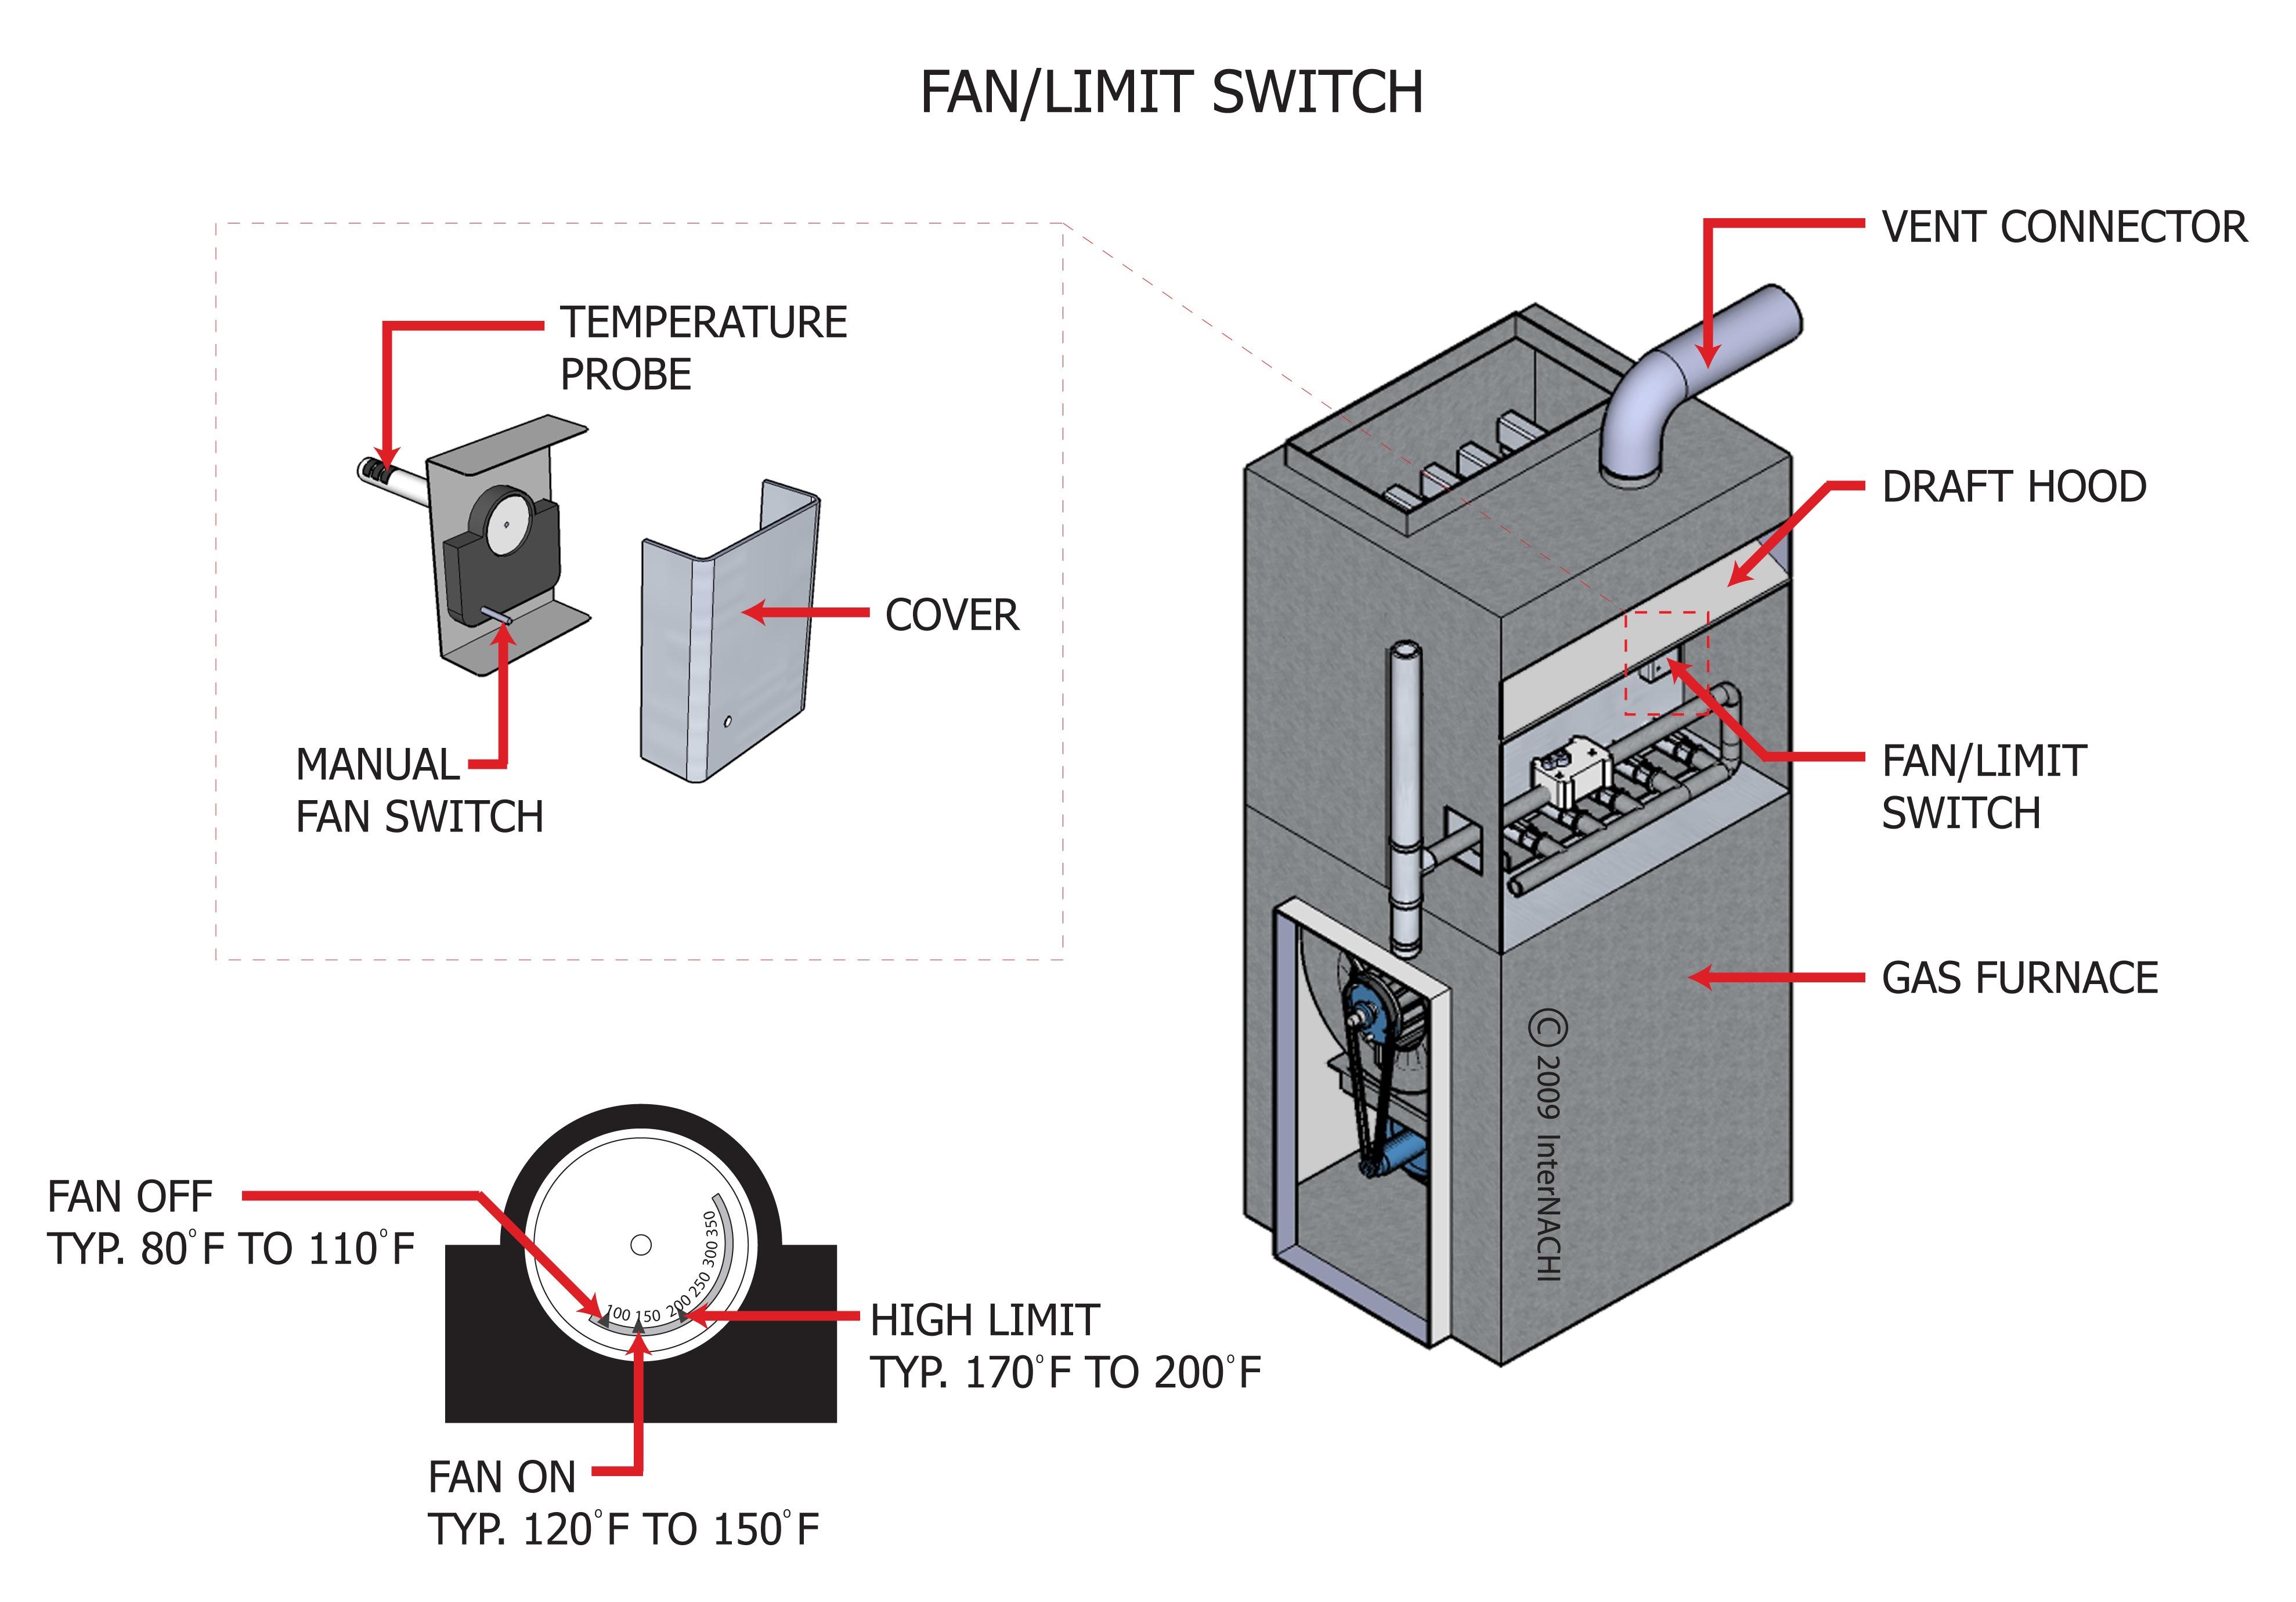 Fan limit switch.